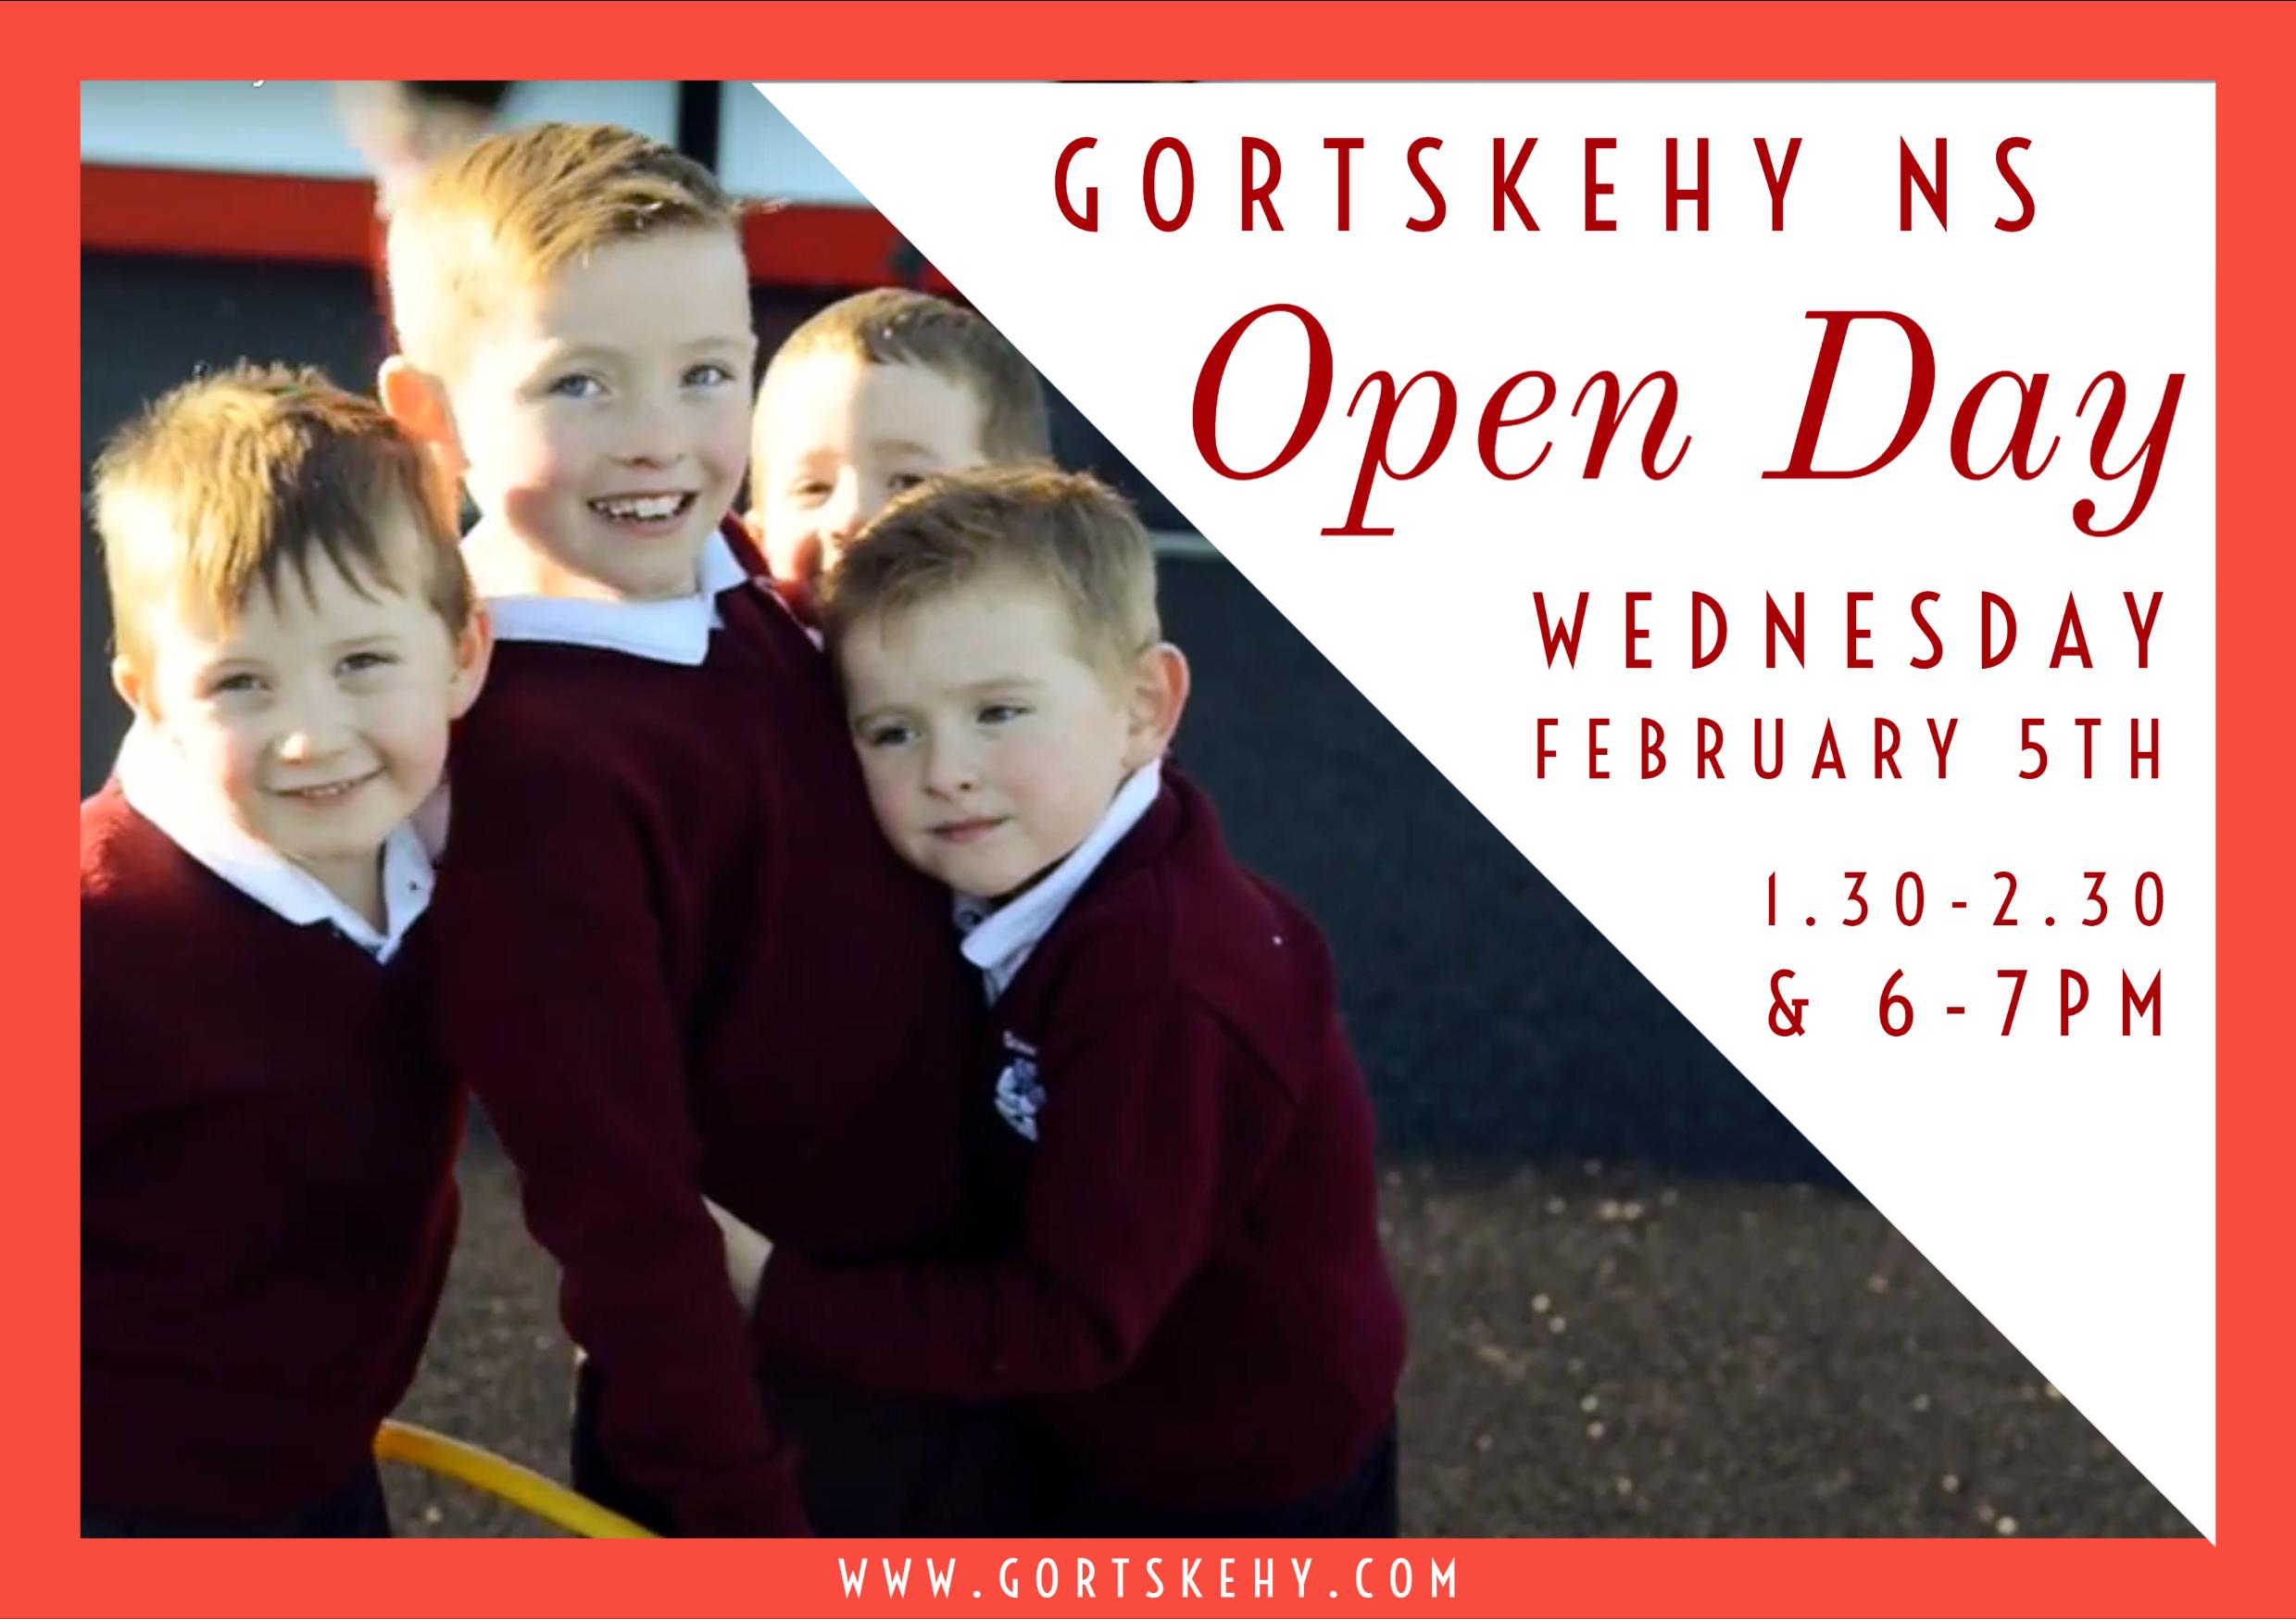 2020 Gortskehy Open Day